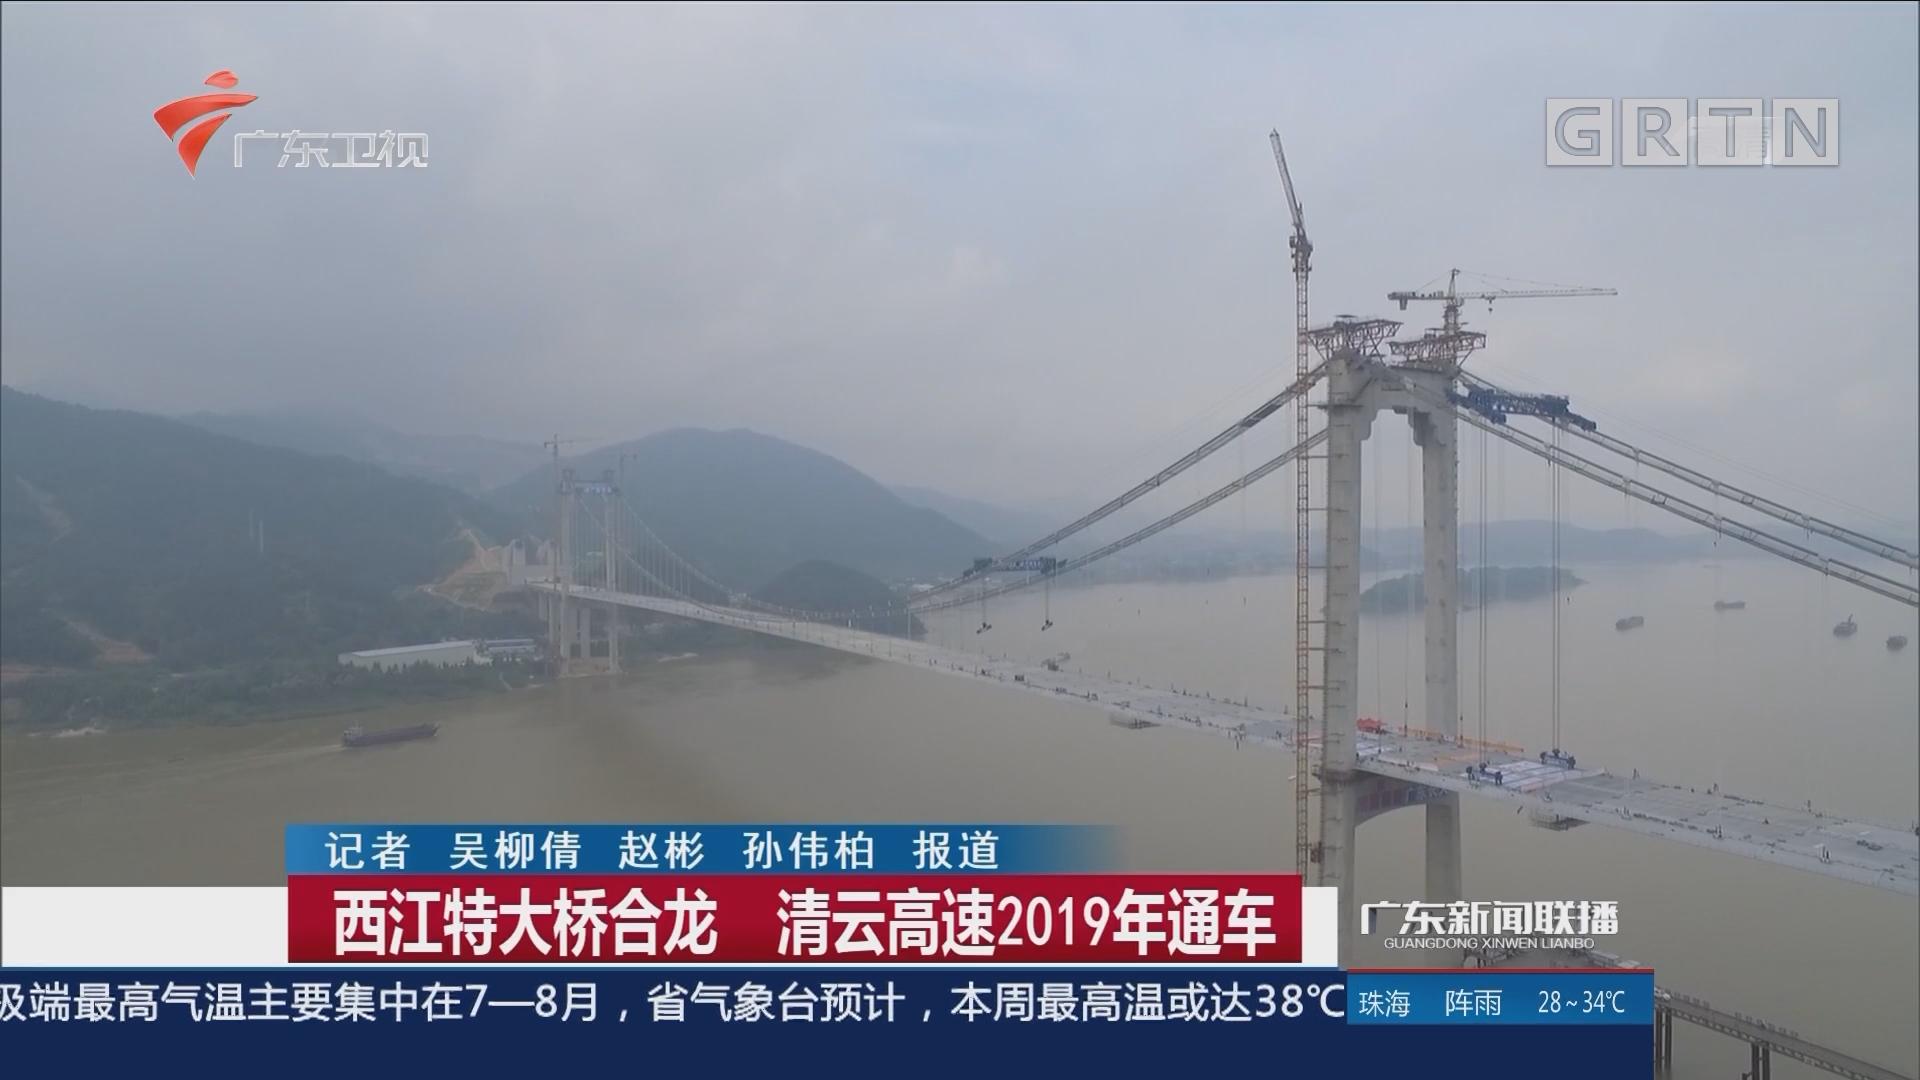 西江特大桥合龙 清云高速2019年通车